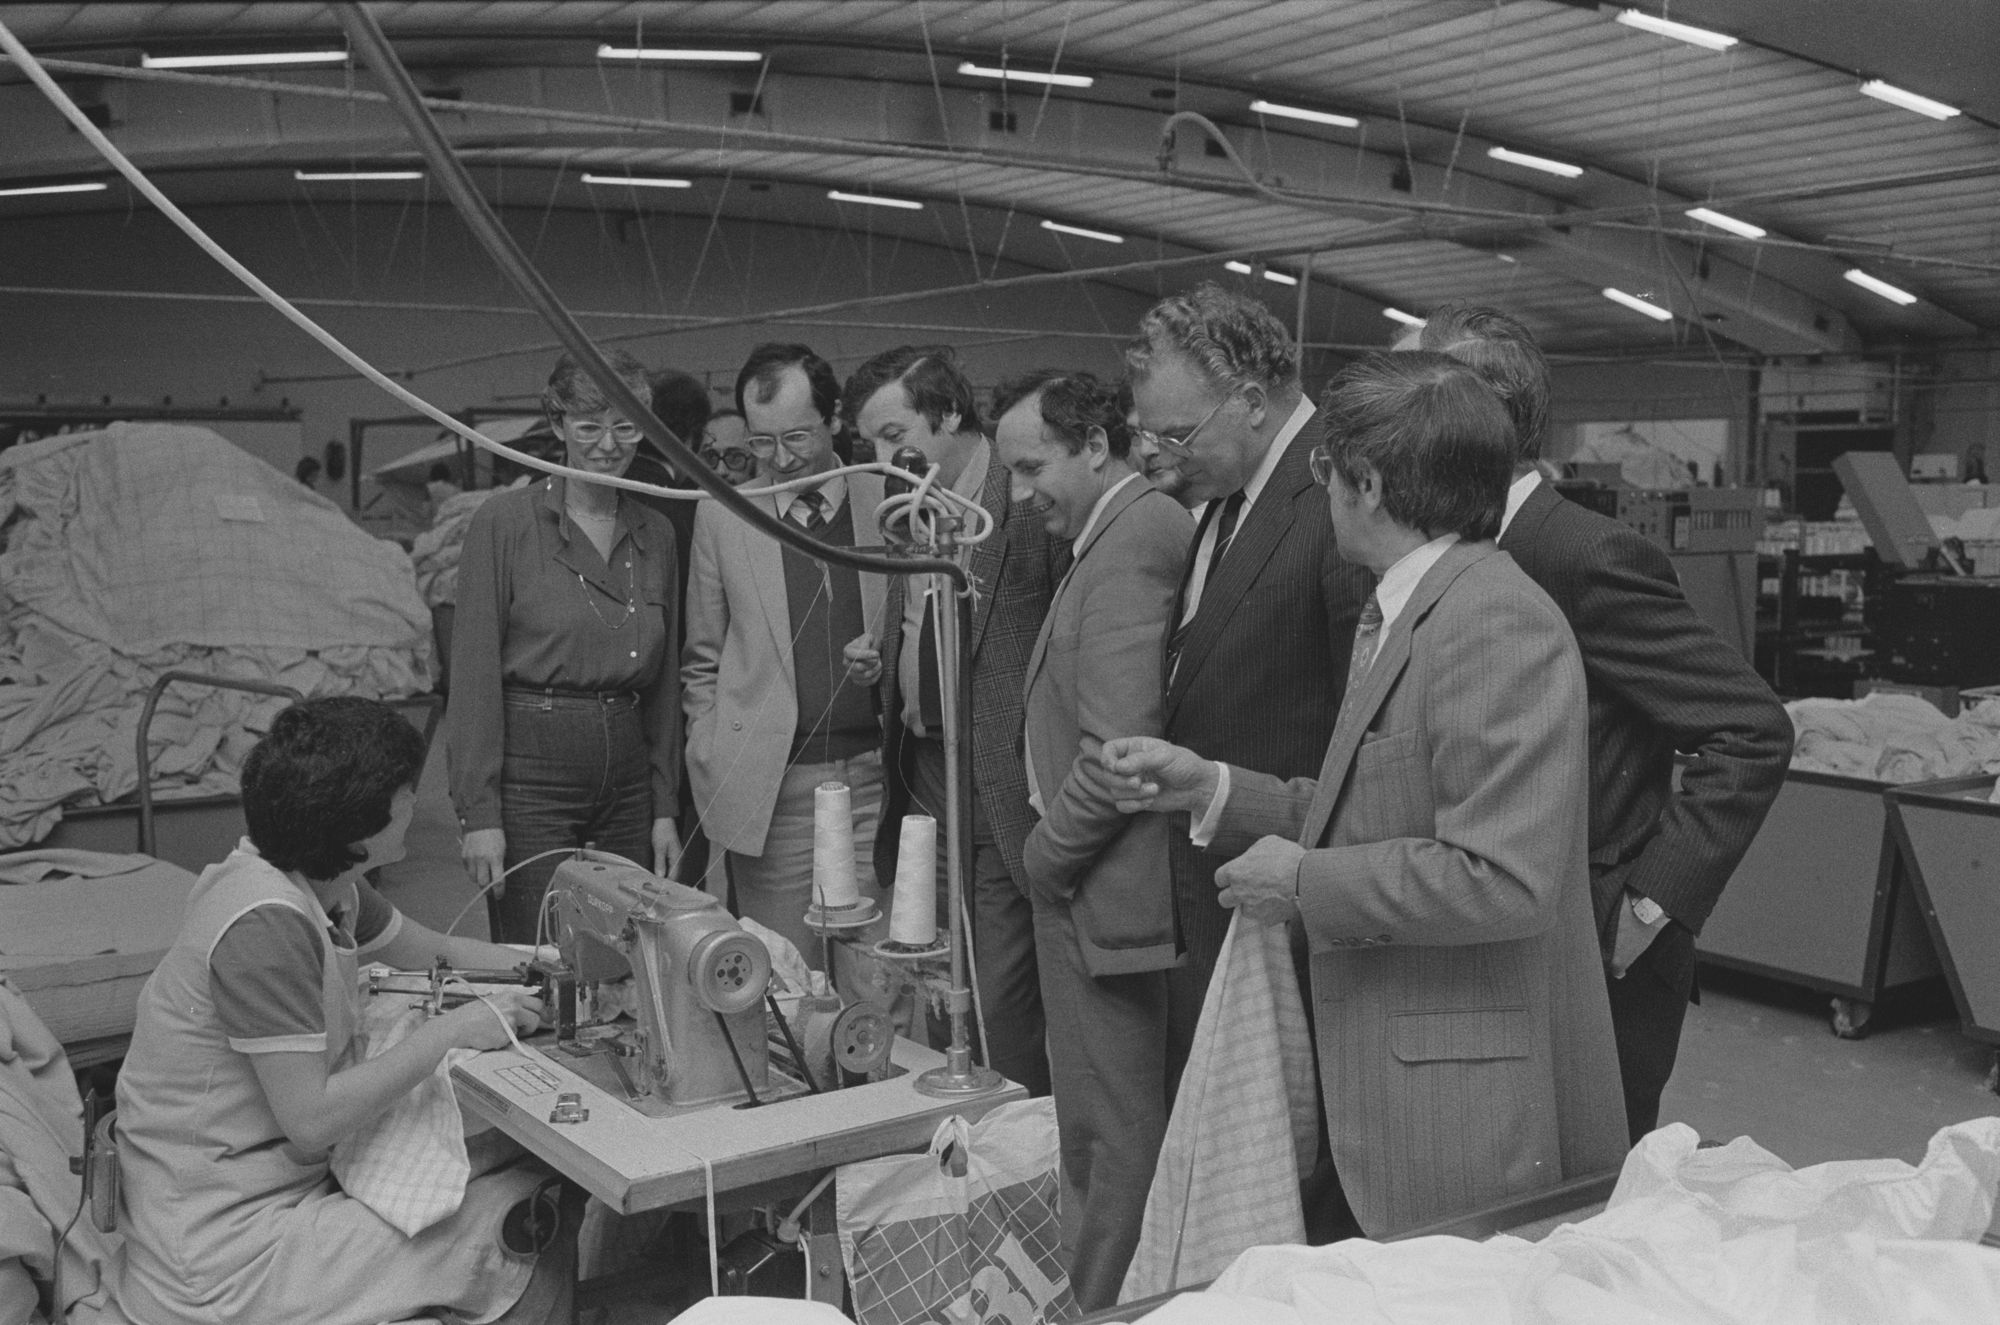 Bedrijfsbezoek van burgemeester De Jaegere aan een textielbedrijf